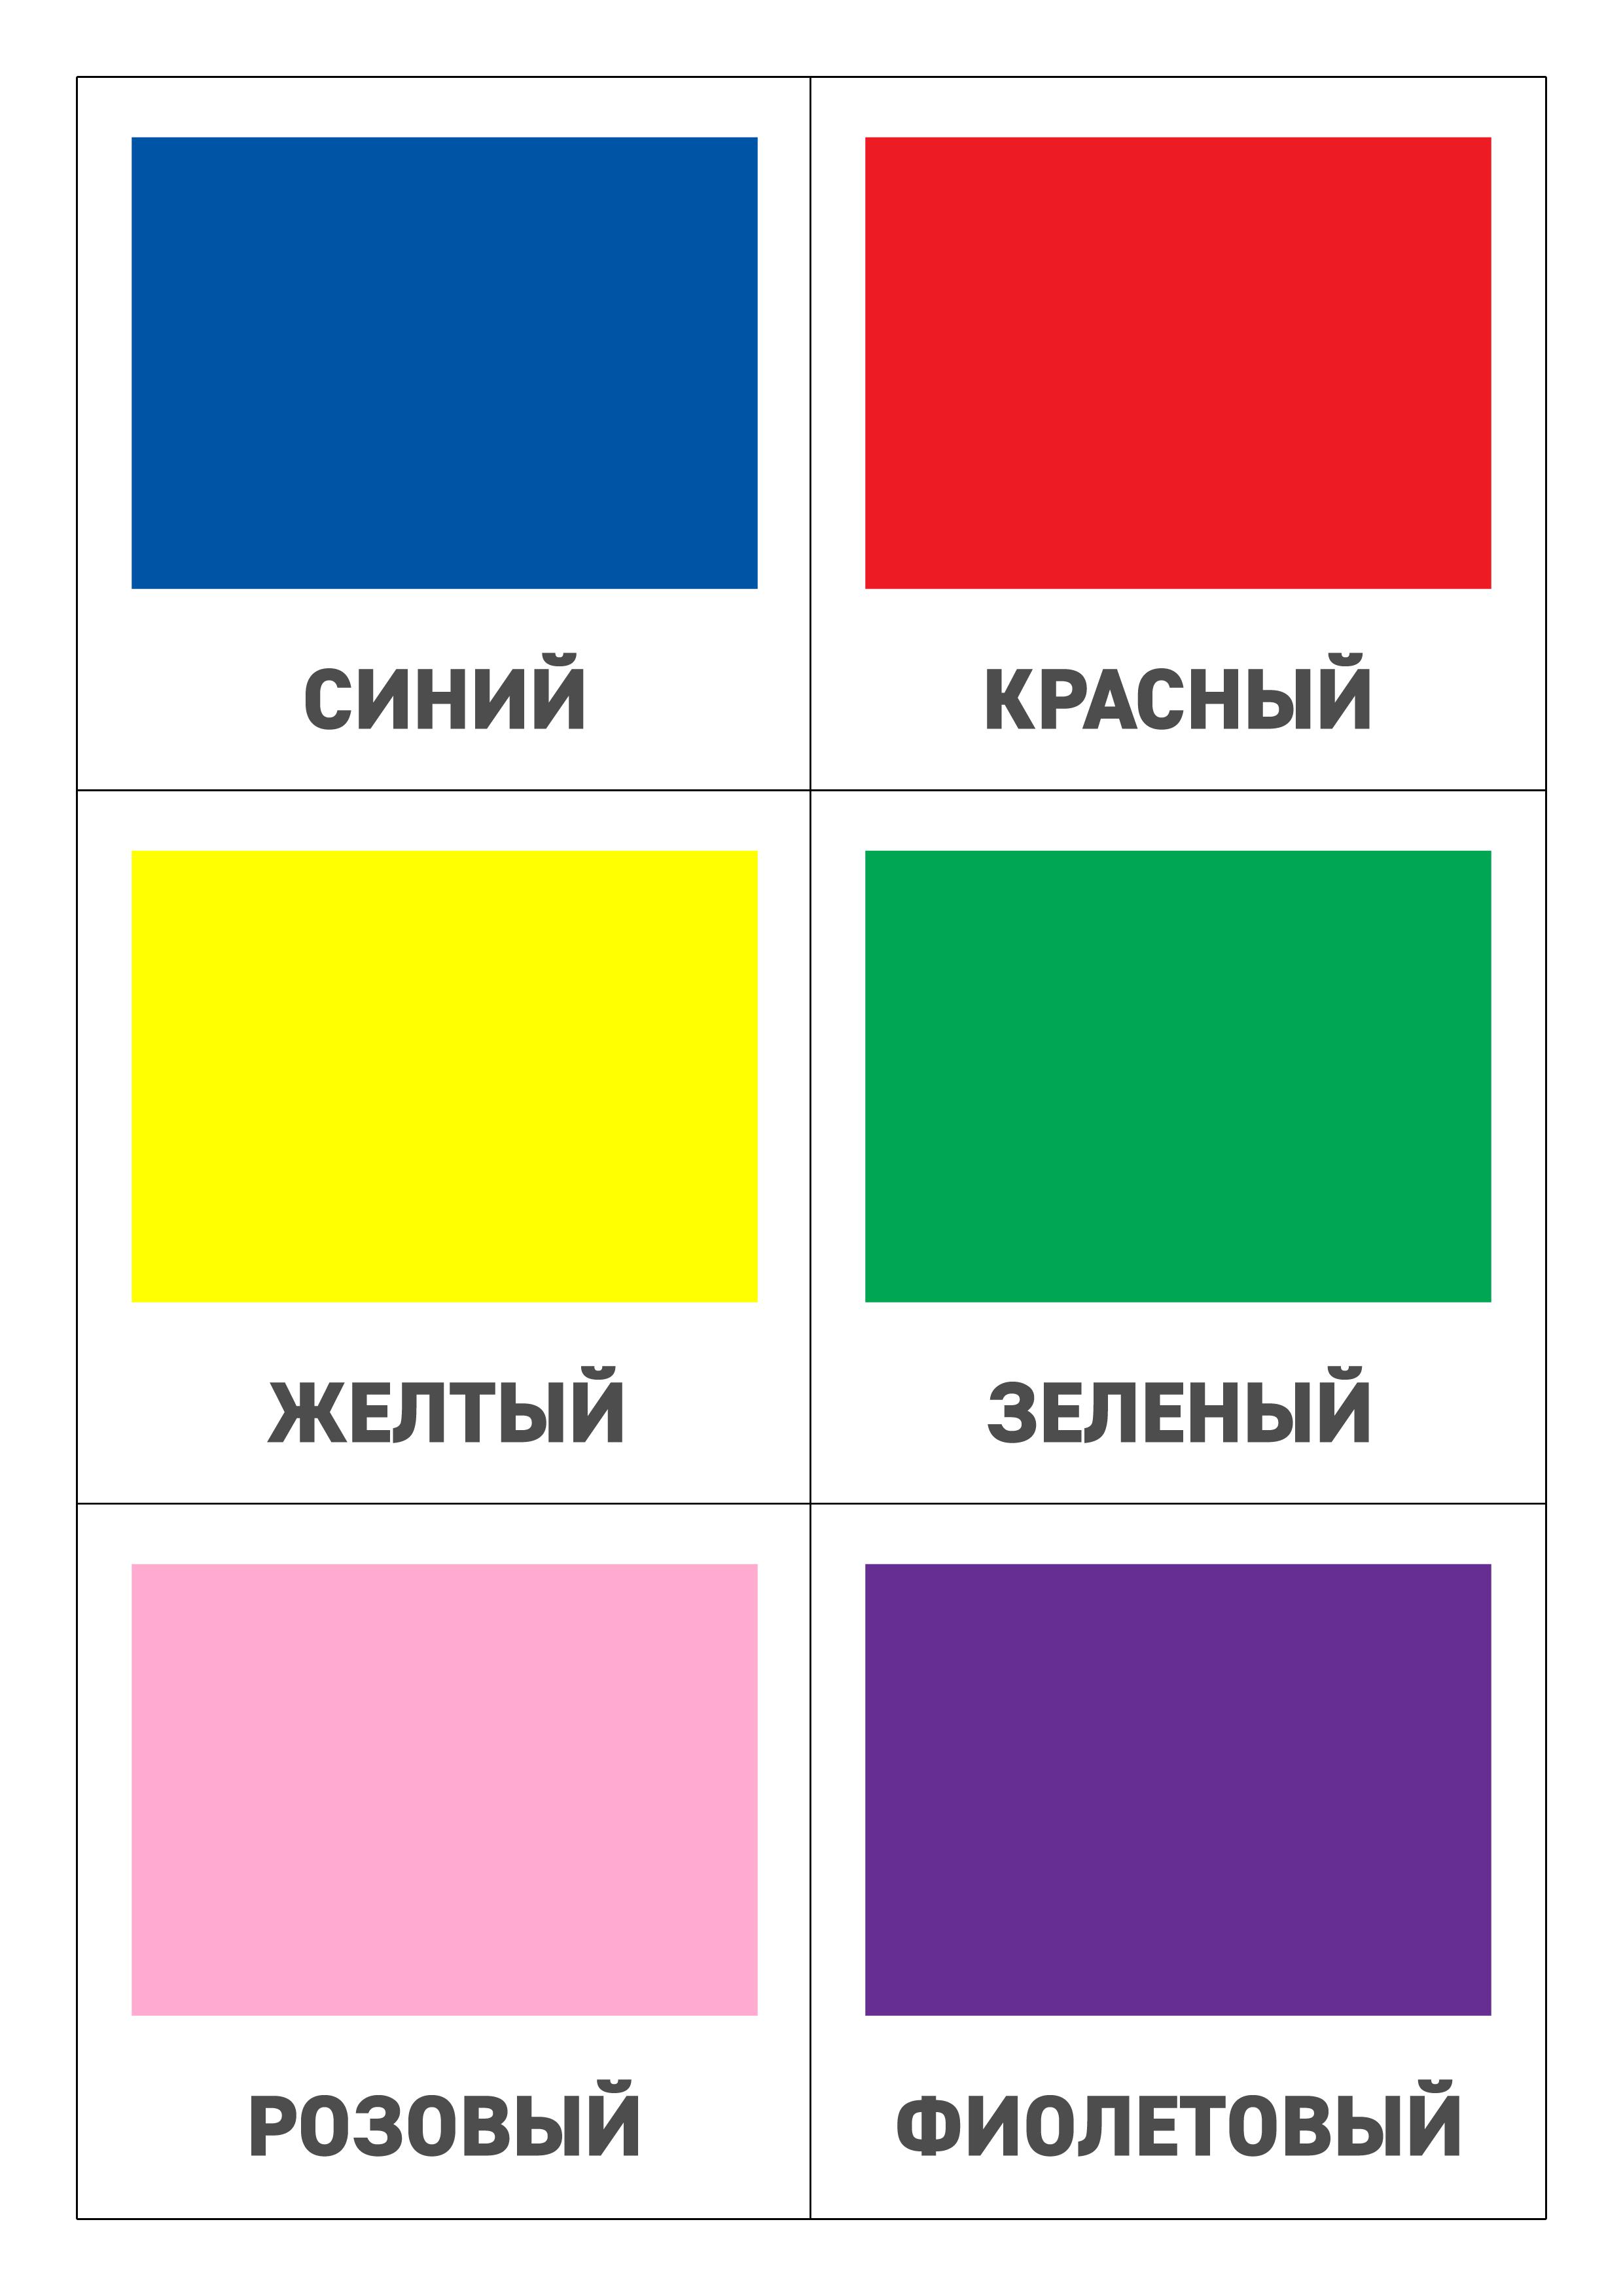 заборов карточка с цветовыми образцами для фото писал ранее